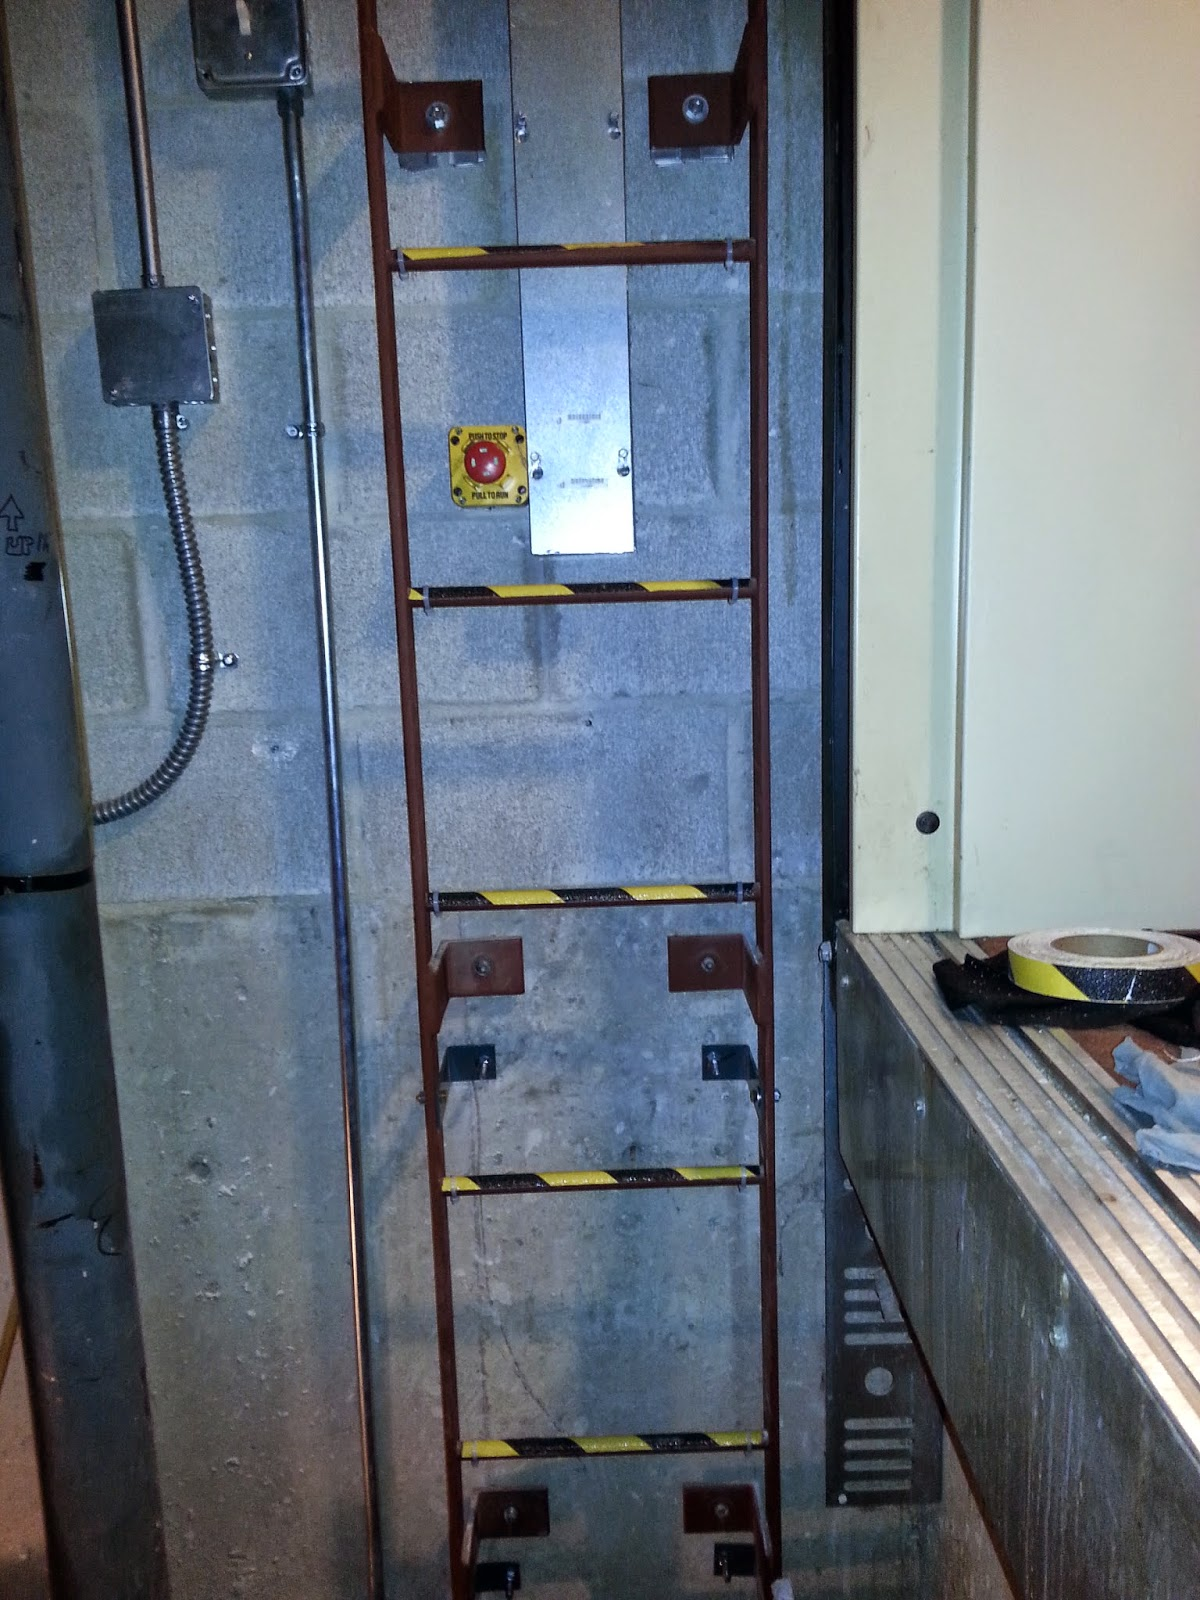 Csm Dacheinstiegsluke B E F together with Logo D Da C F Bd C Dfda B Grande additionally Pl Bpic B besides Fa Daf Fe Edce Fa Bbdcfa together with Bladder Bcode Bpage B. on elevator pit ladder